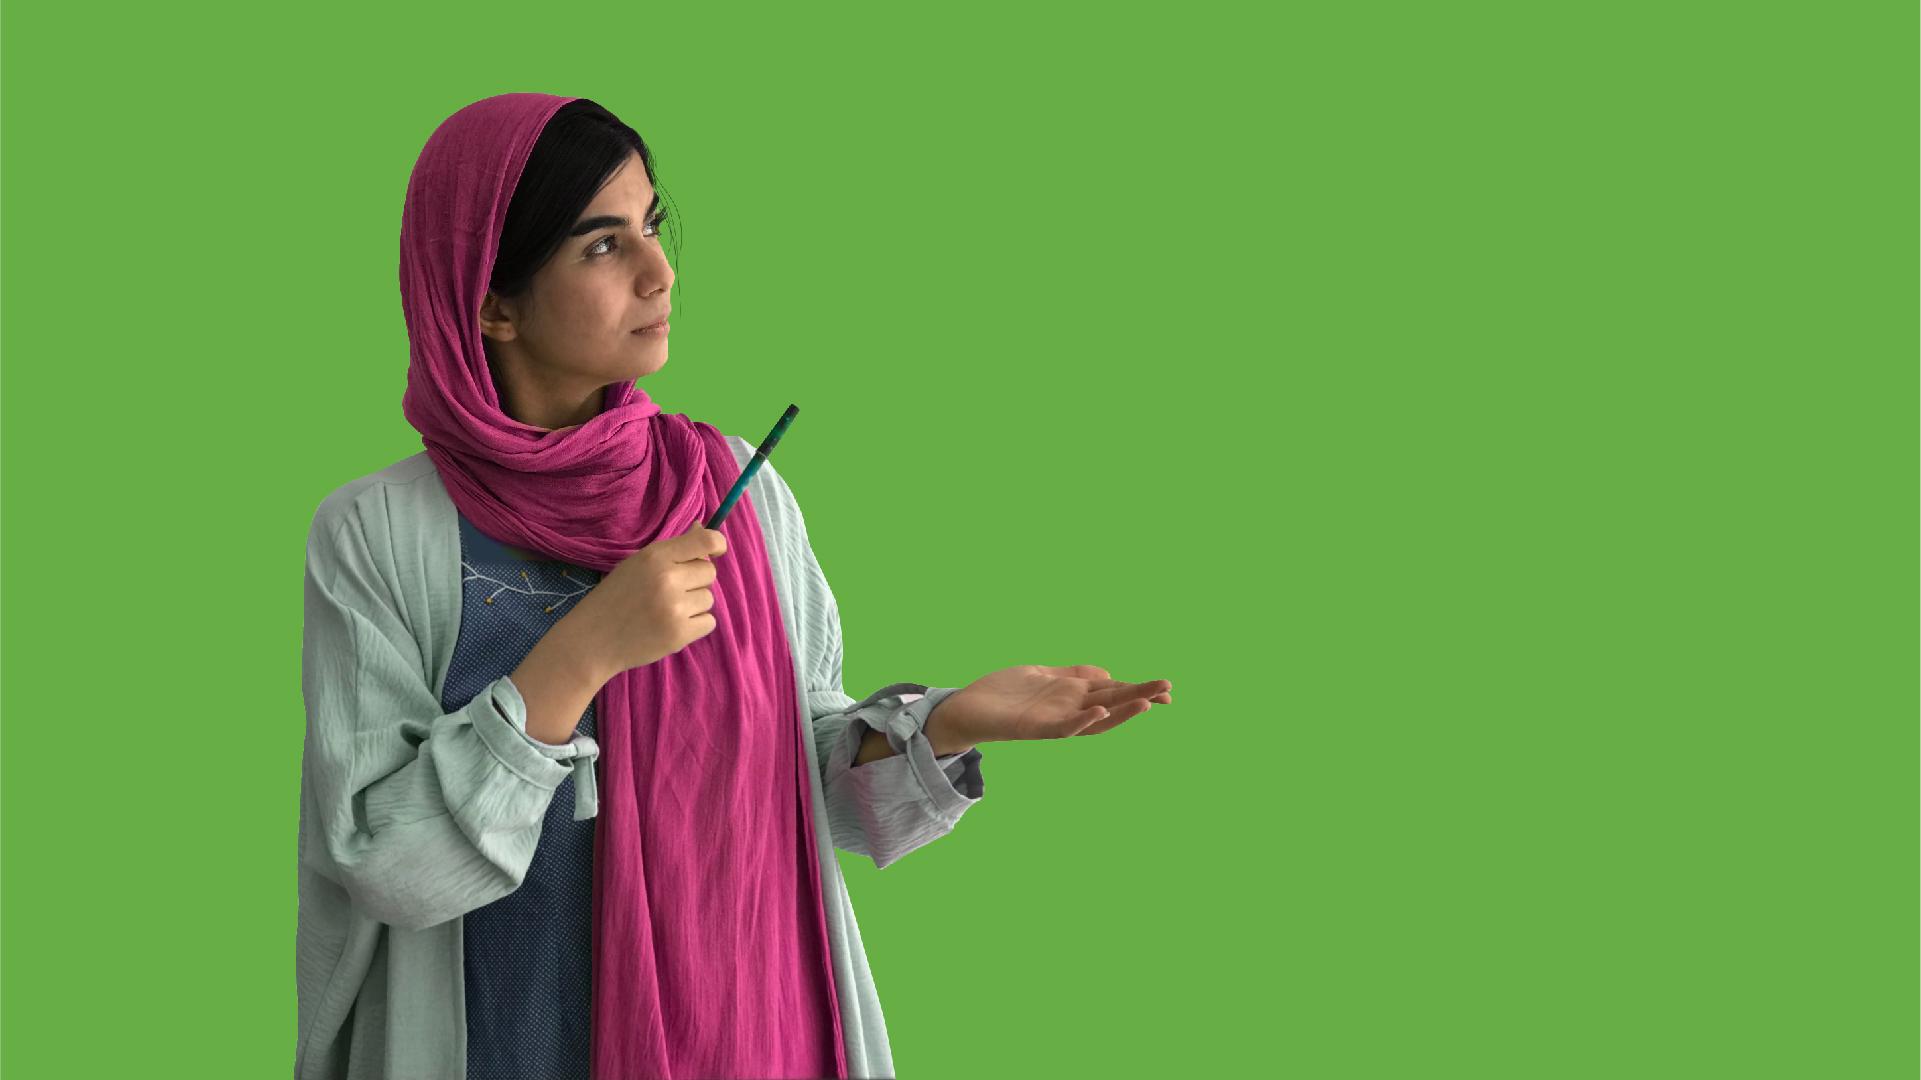 معرفی نویسنده های معلم ایرانی و خارجی